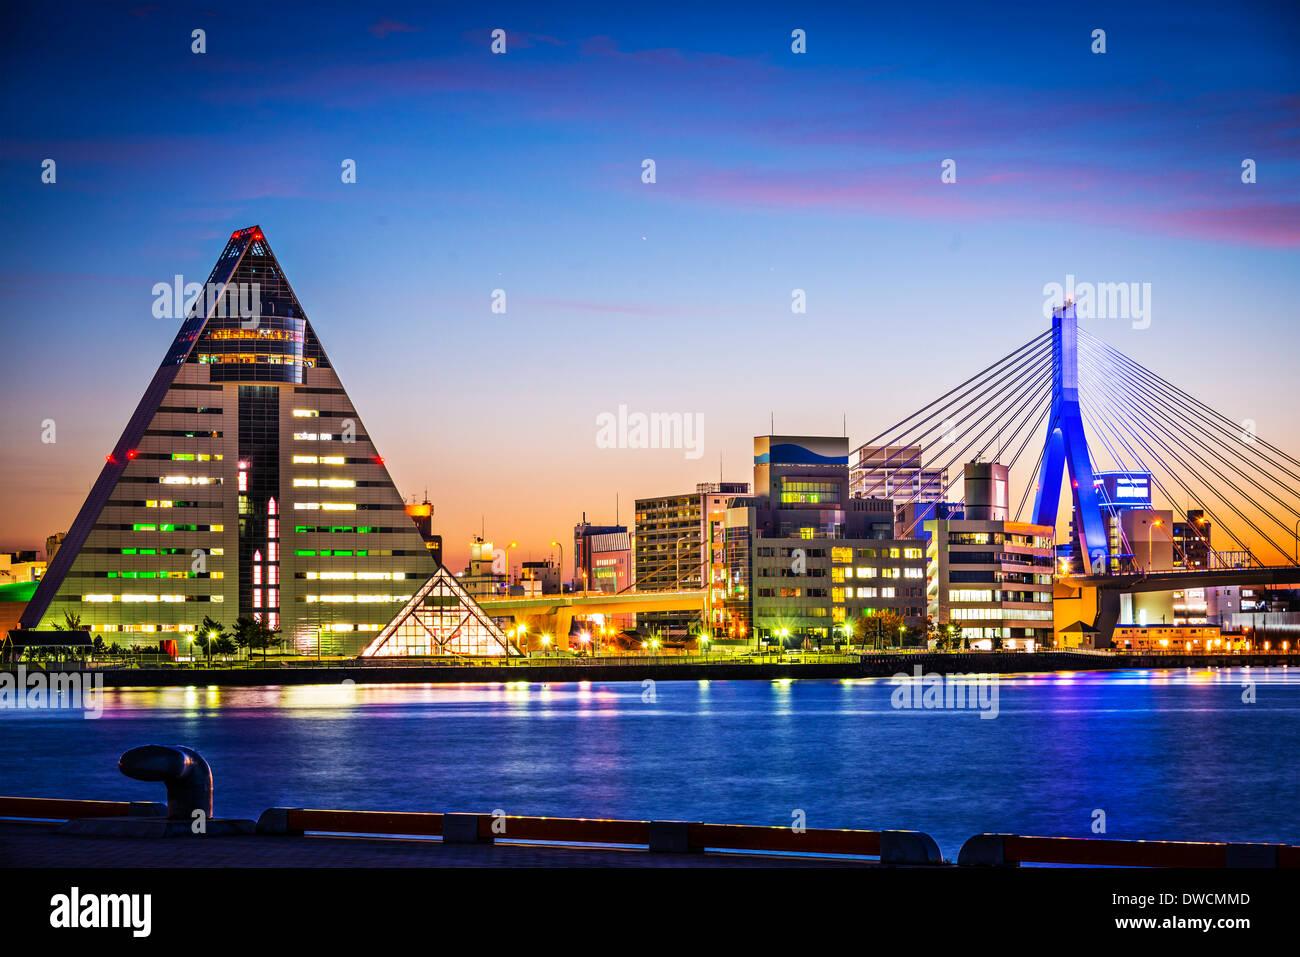 La Ville d'Aomori, Japon dans le nord de la région du Tohoku. Photo Stock